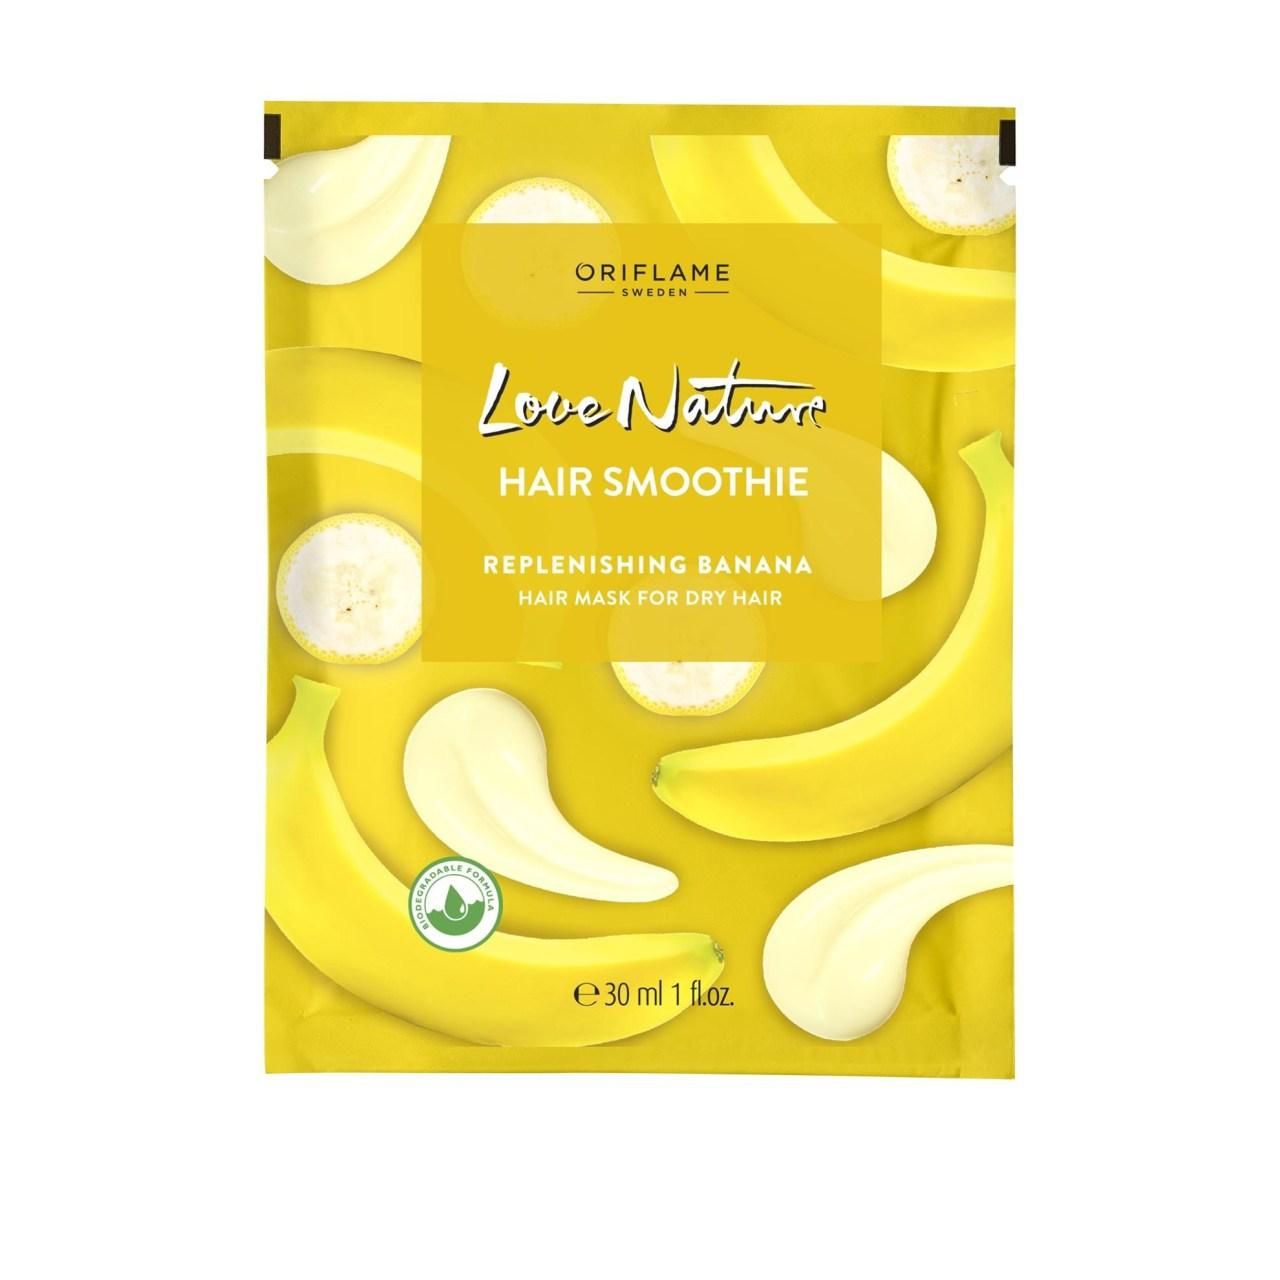 Μάσκα Αποκατάστασης για Ξηρά Μαλλιά με Μπανάνα LoveΝature